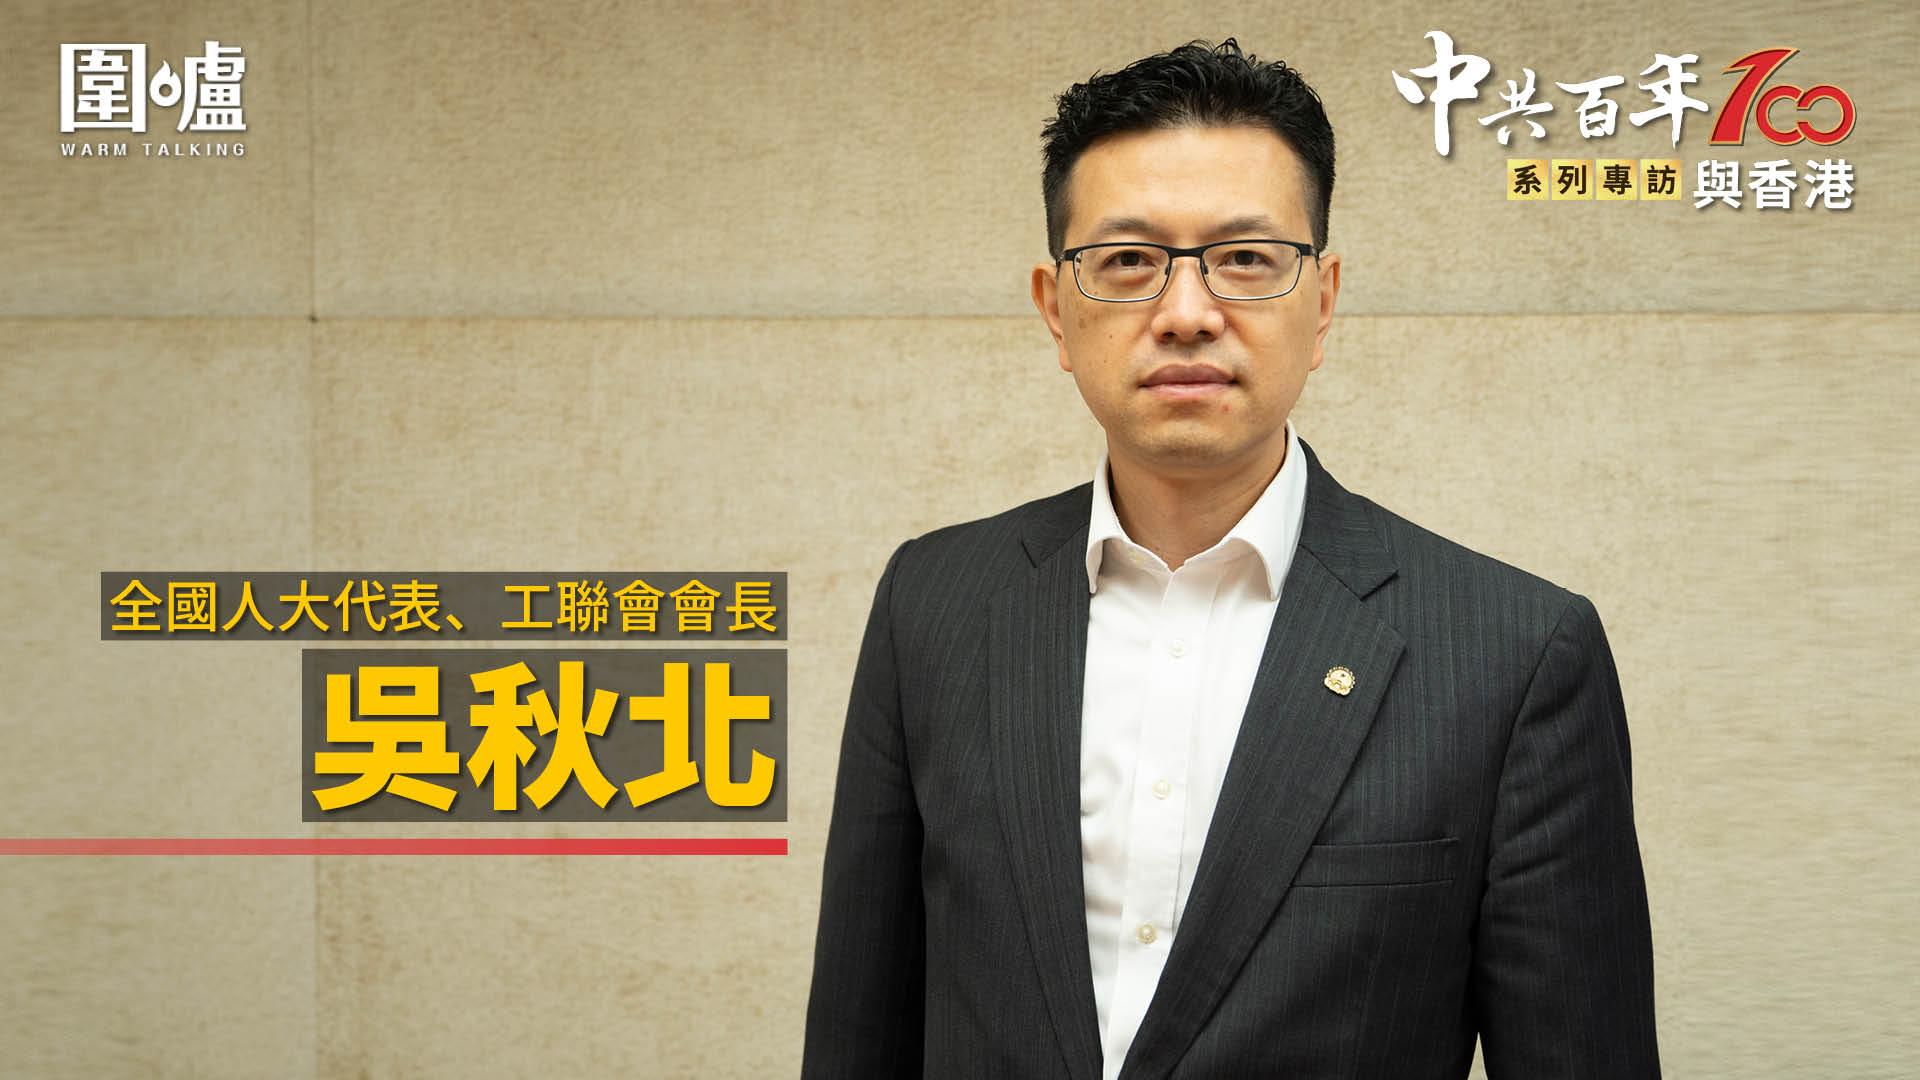 【專訪】吳秋北:國家眷顧香港無微不至 支持爭取勞工權益發展經濟